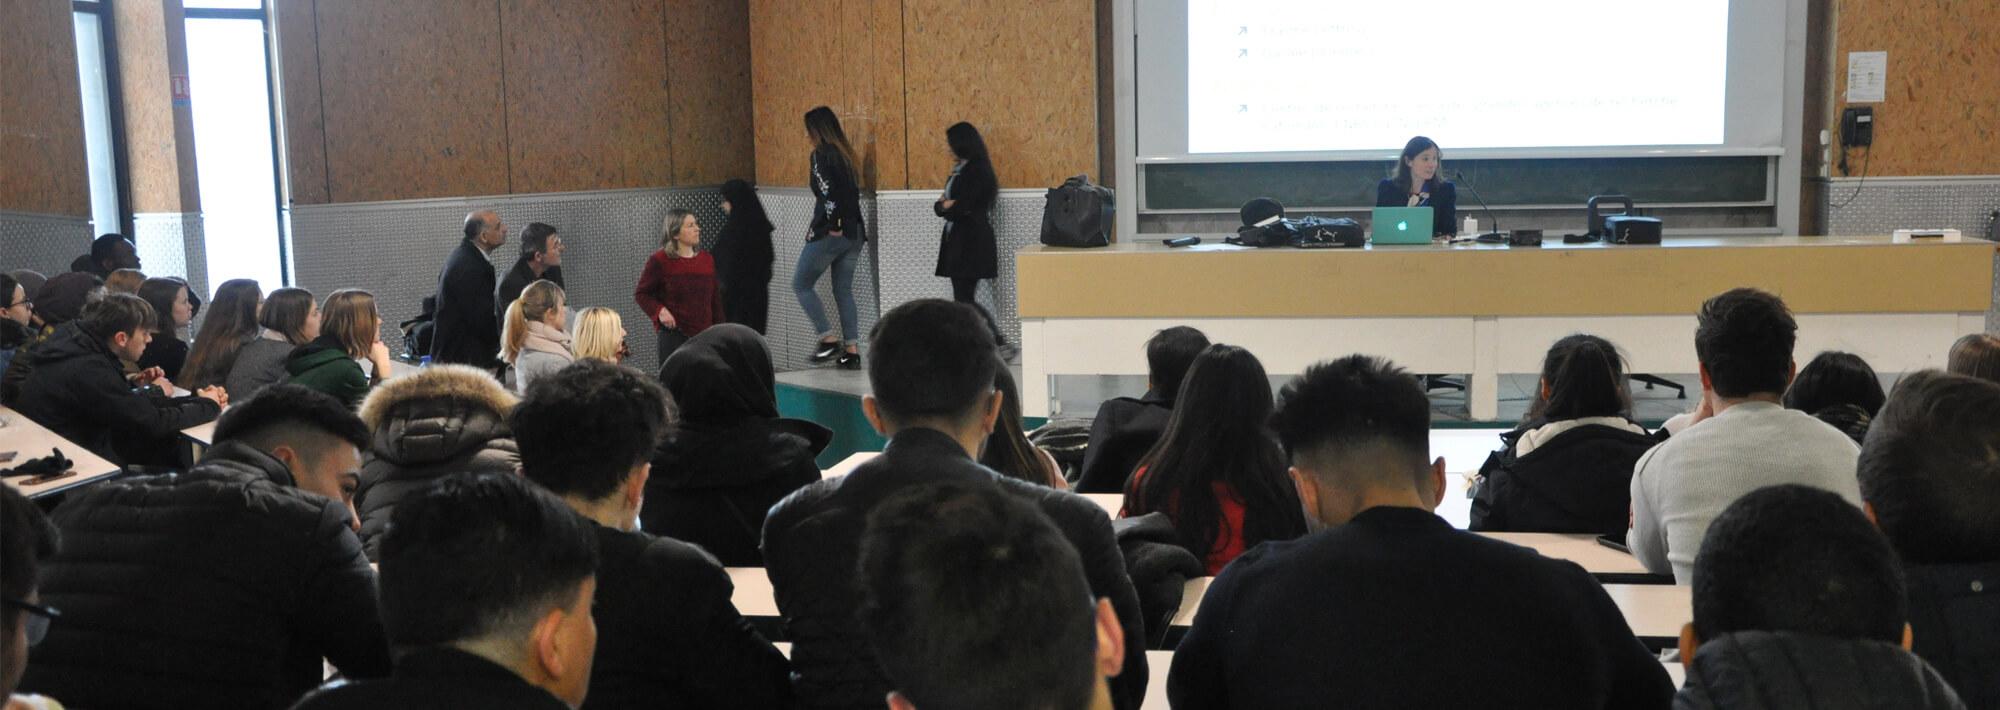 Échange universitaire avec l'école supérieure Plantijn d'Anvers